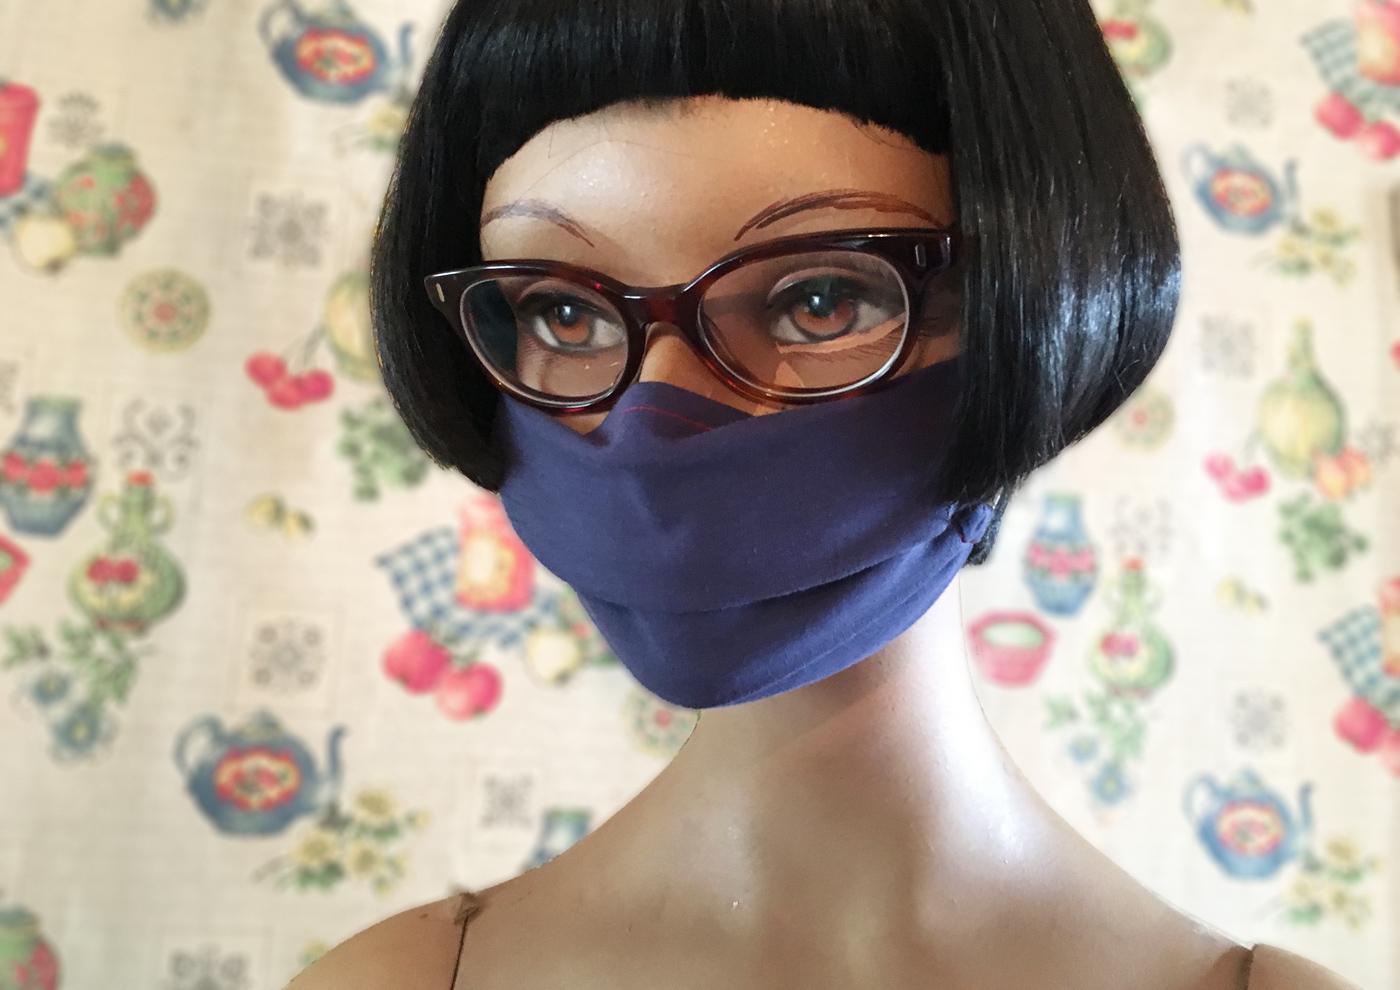 Anleitung, Tutorial und Schnittmuster für eine Hybrid Stoffmaske, Behelfsmaske, Mundmaske oder Alltagsmaske mit Anleitung und Schnittmuster von Iris Luckhaus